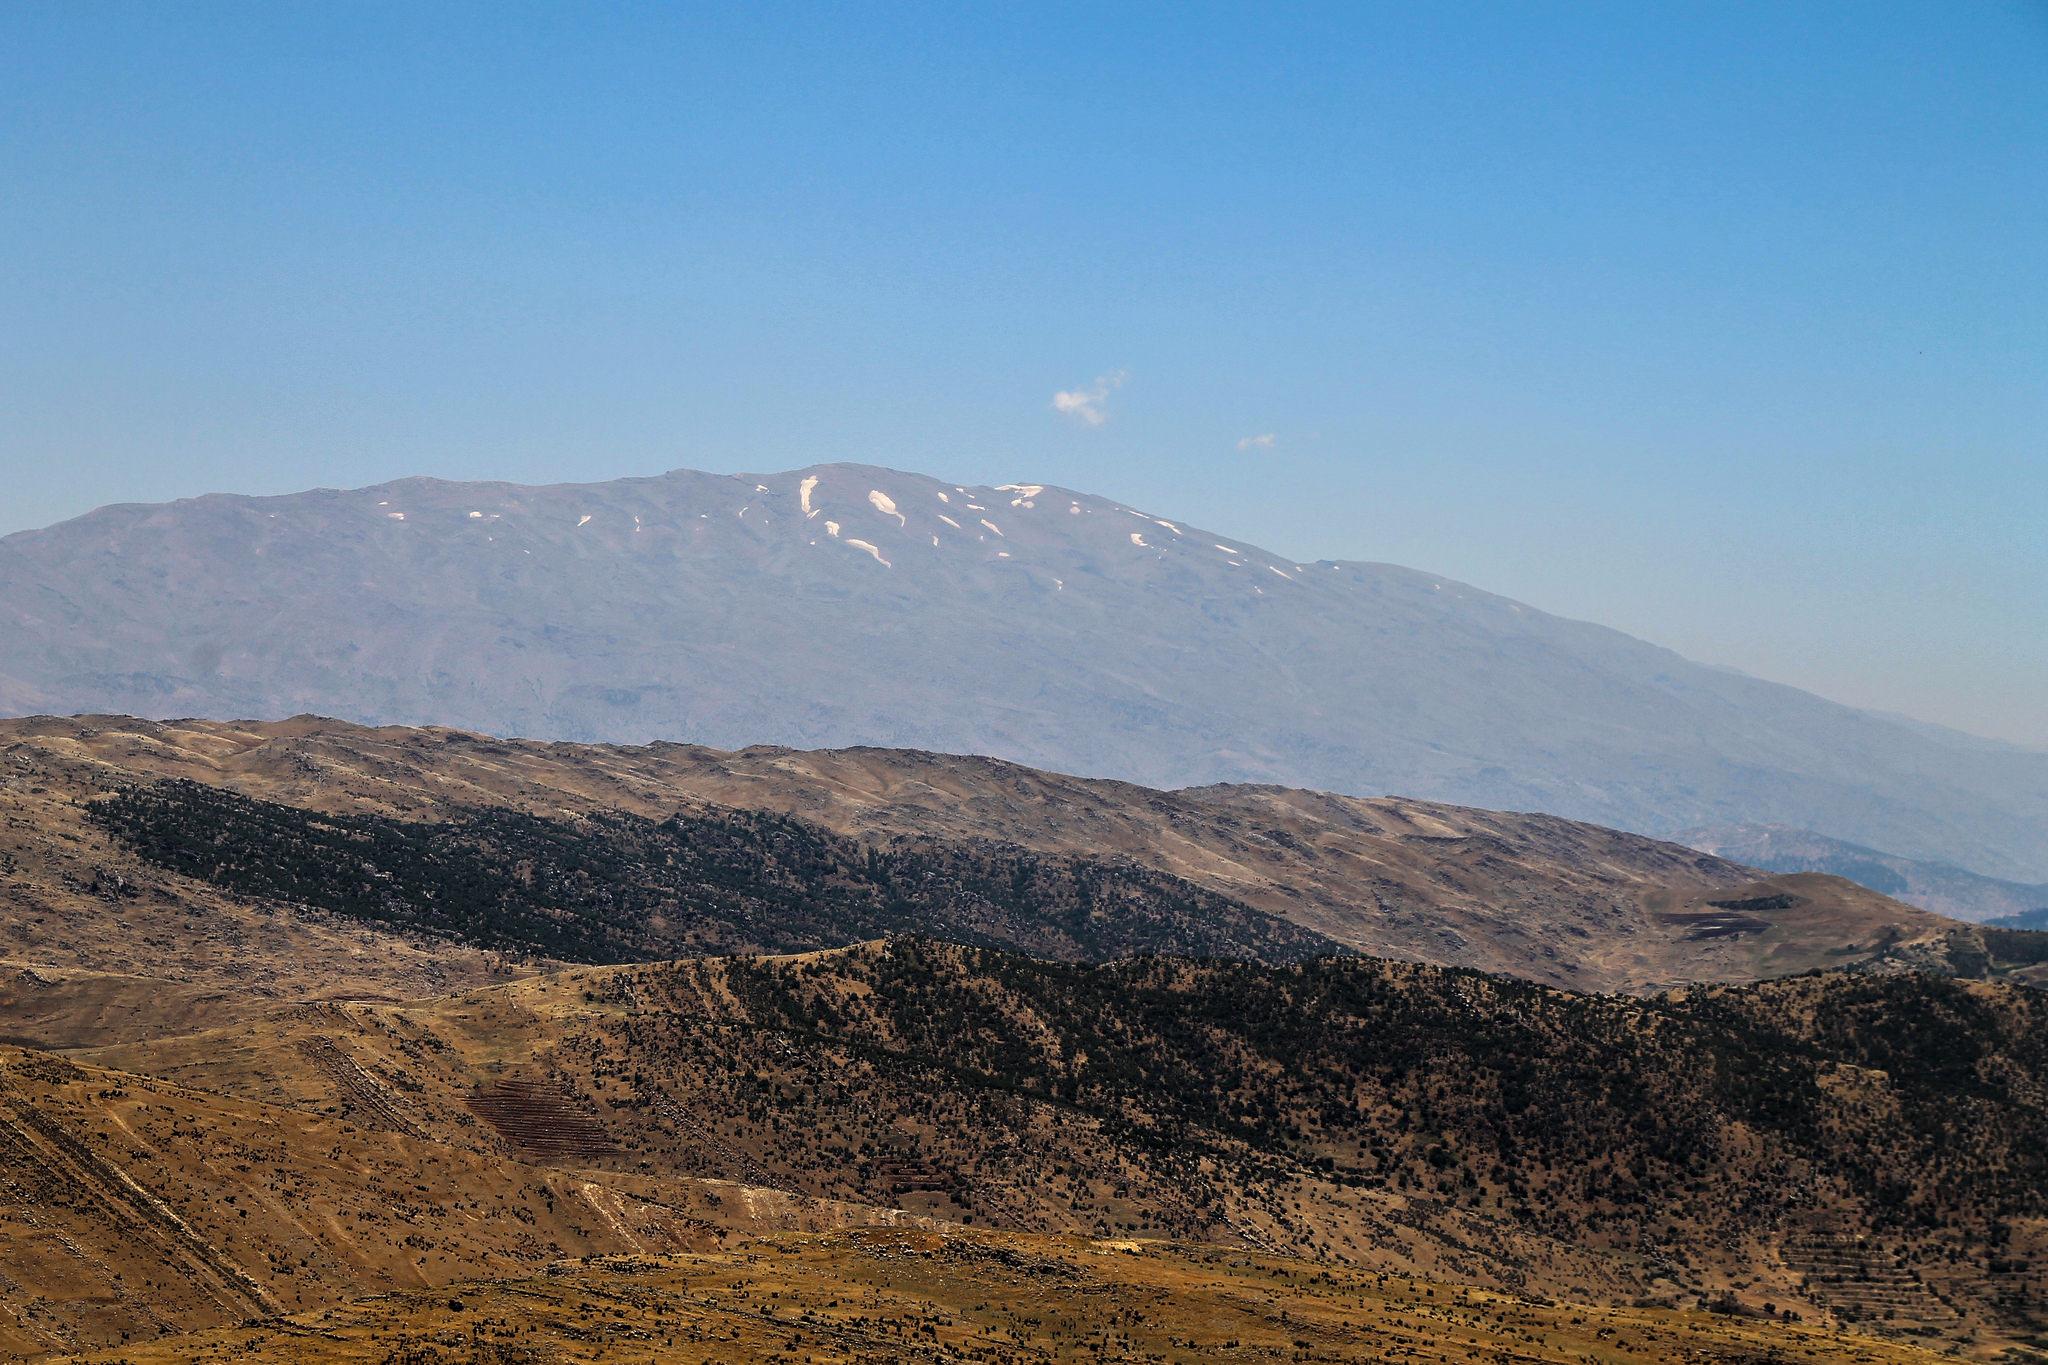 Гора Хермон, Голанские высоты, Израиль